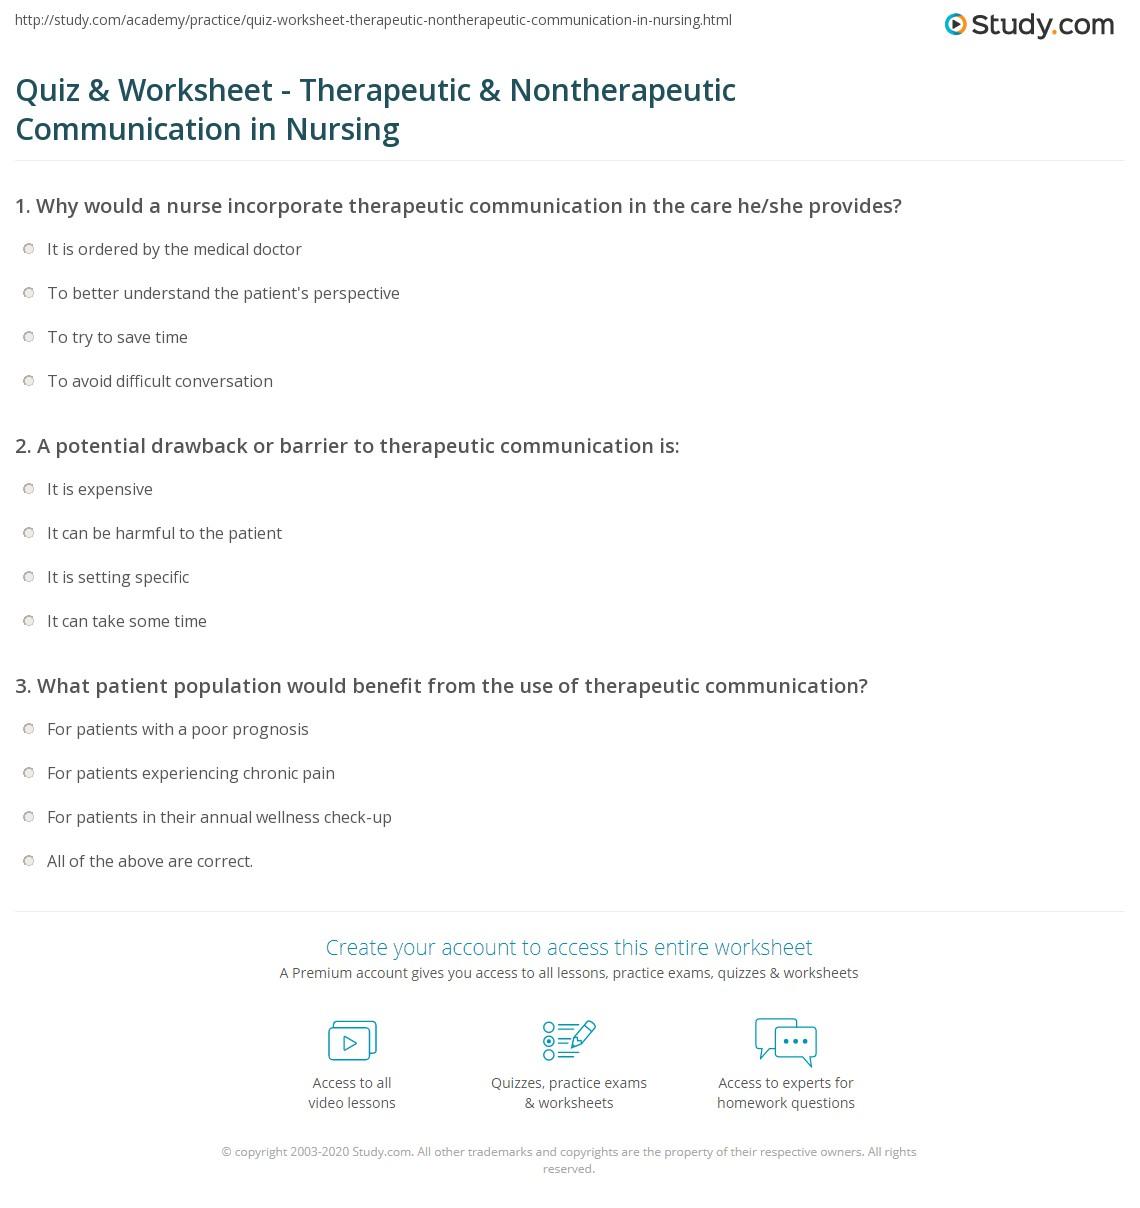 Quiz & Worksheet - Therapeutic & Nontherapeutic